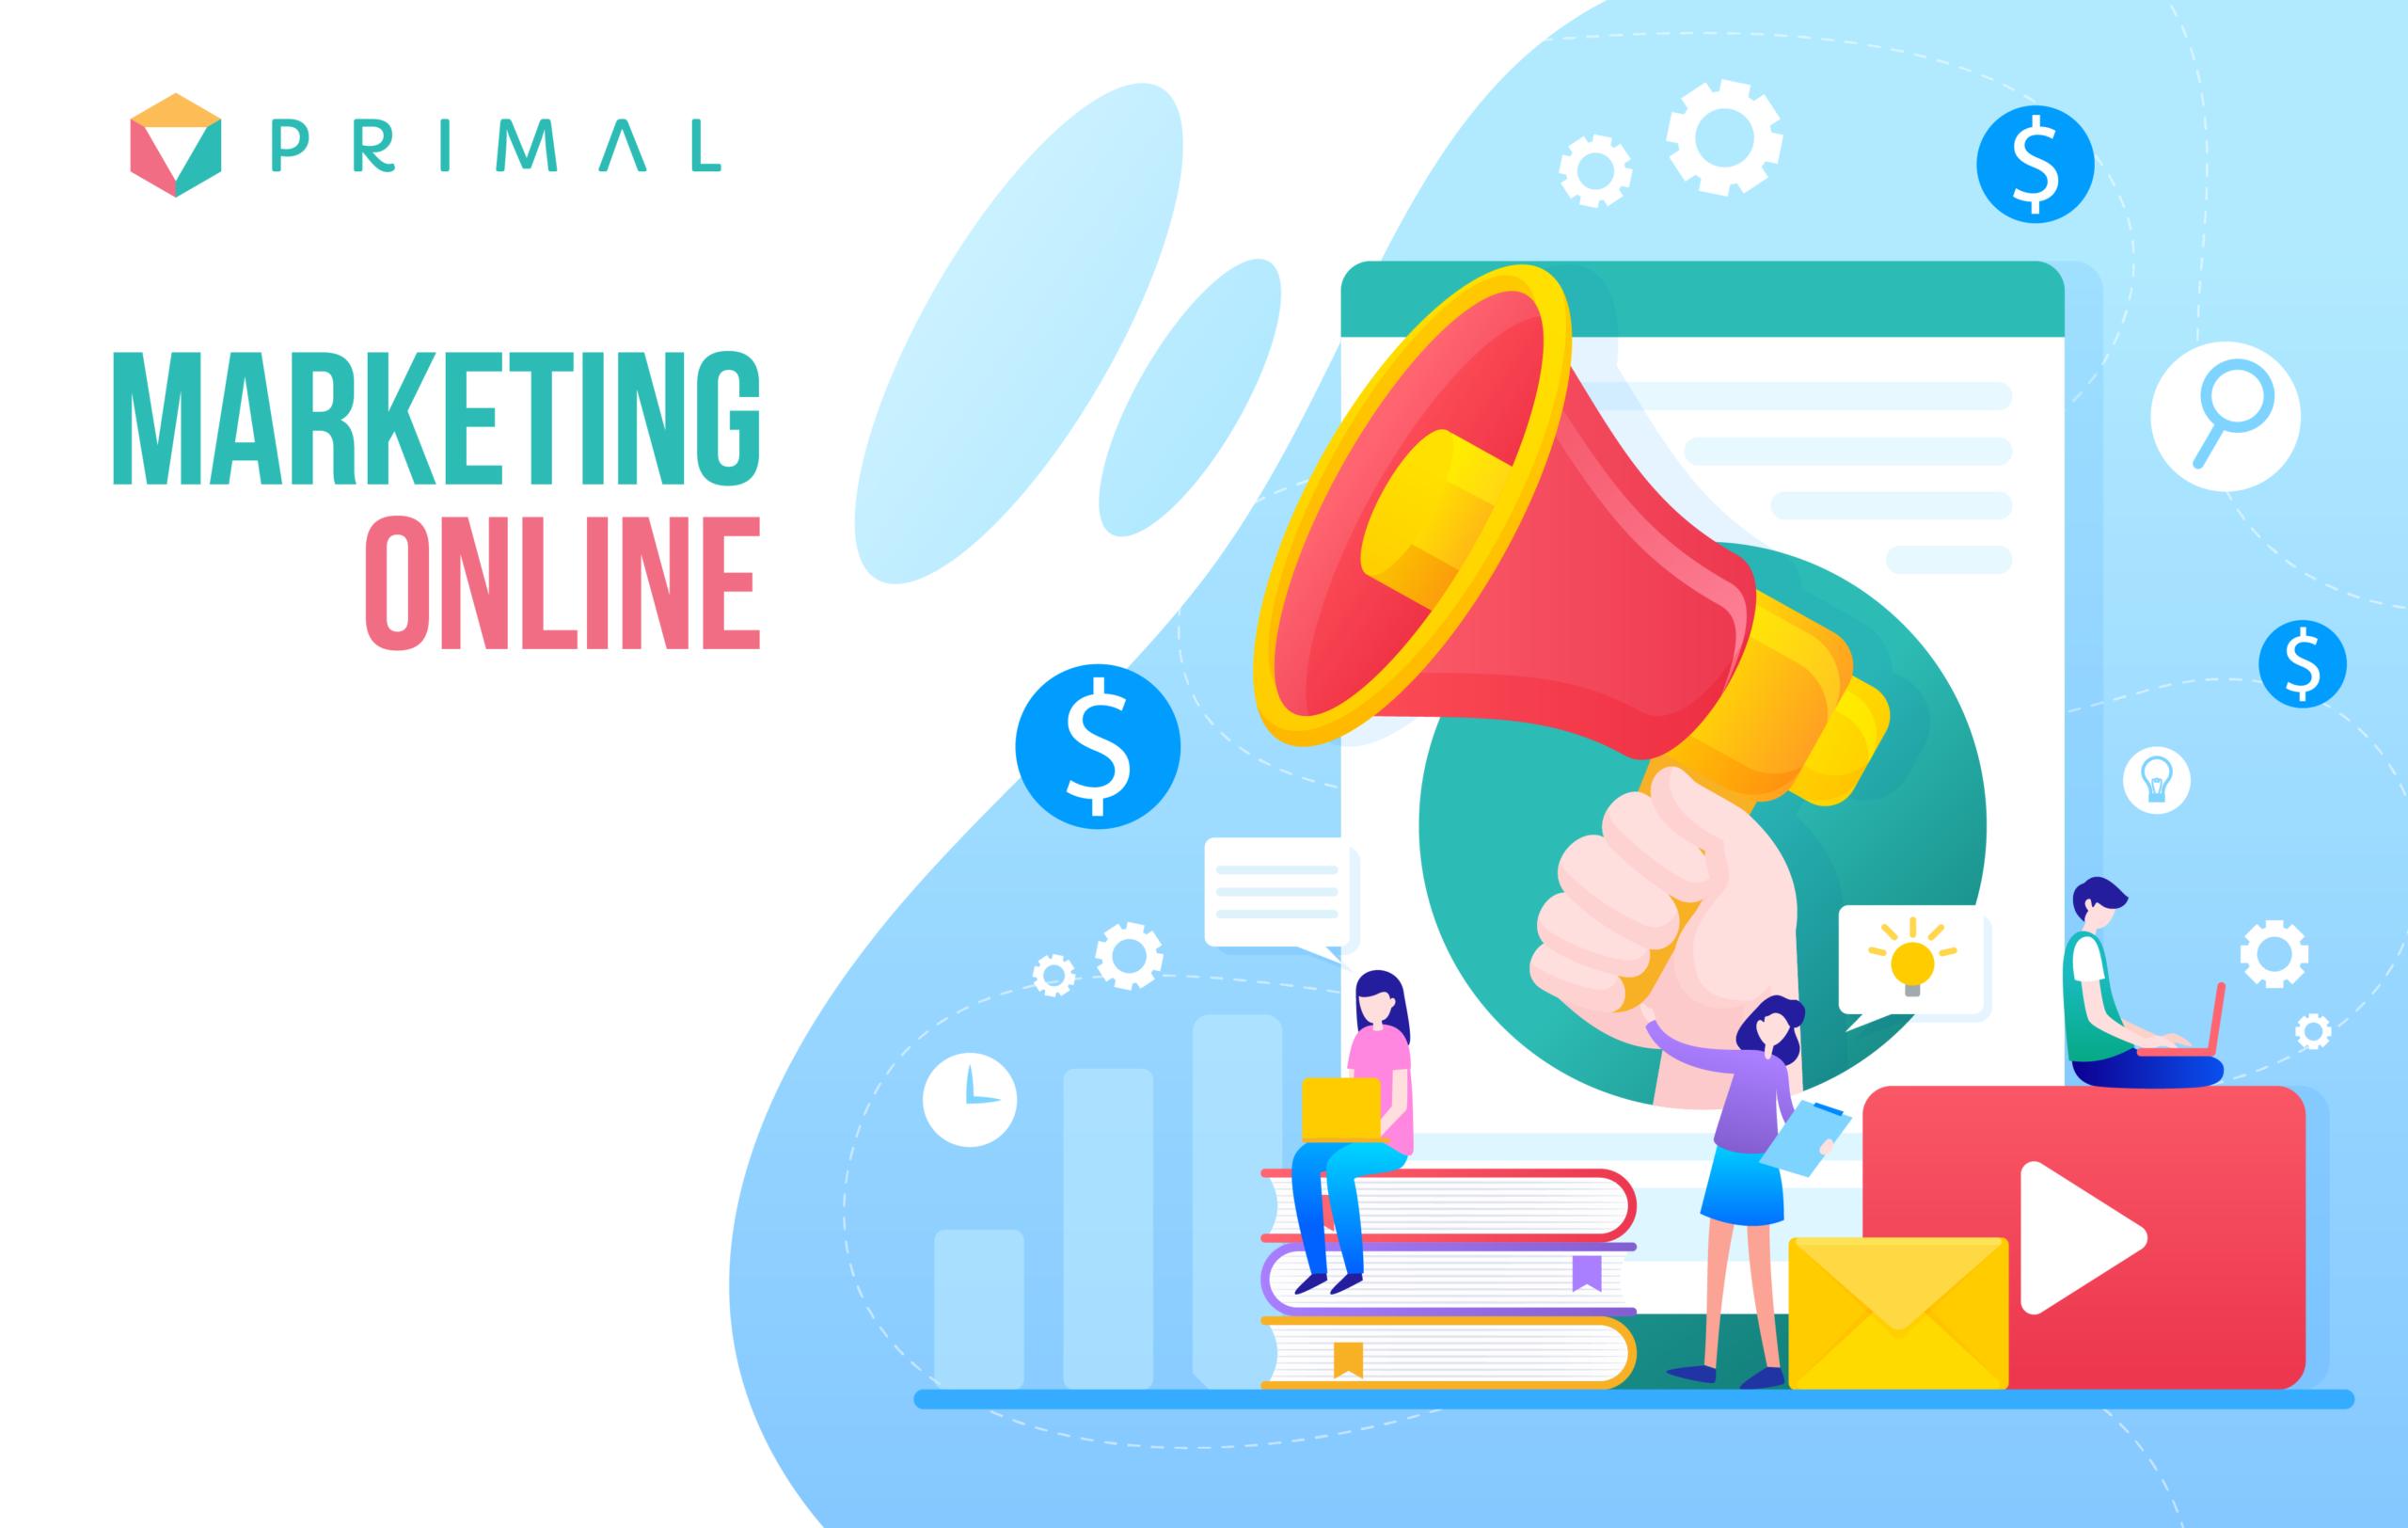 Marketing online là làm gì?